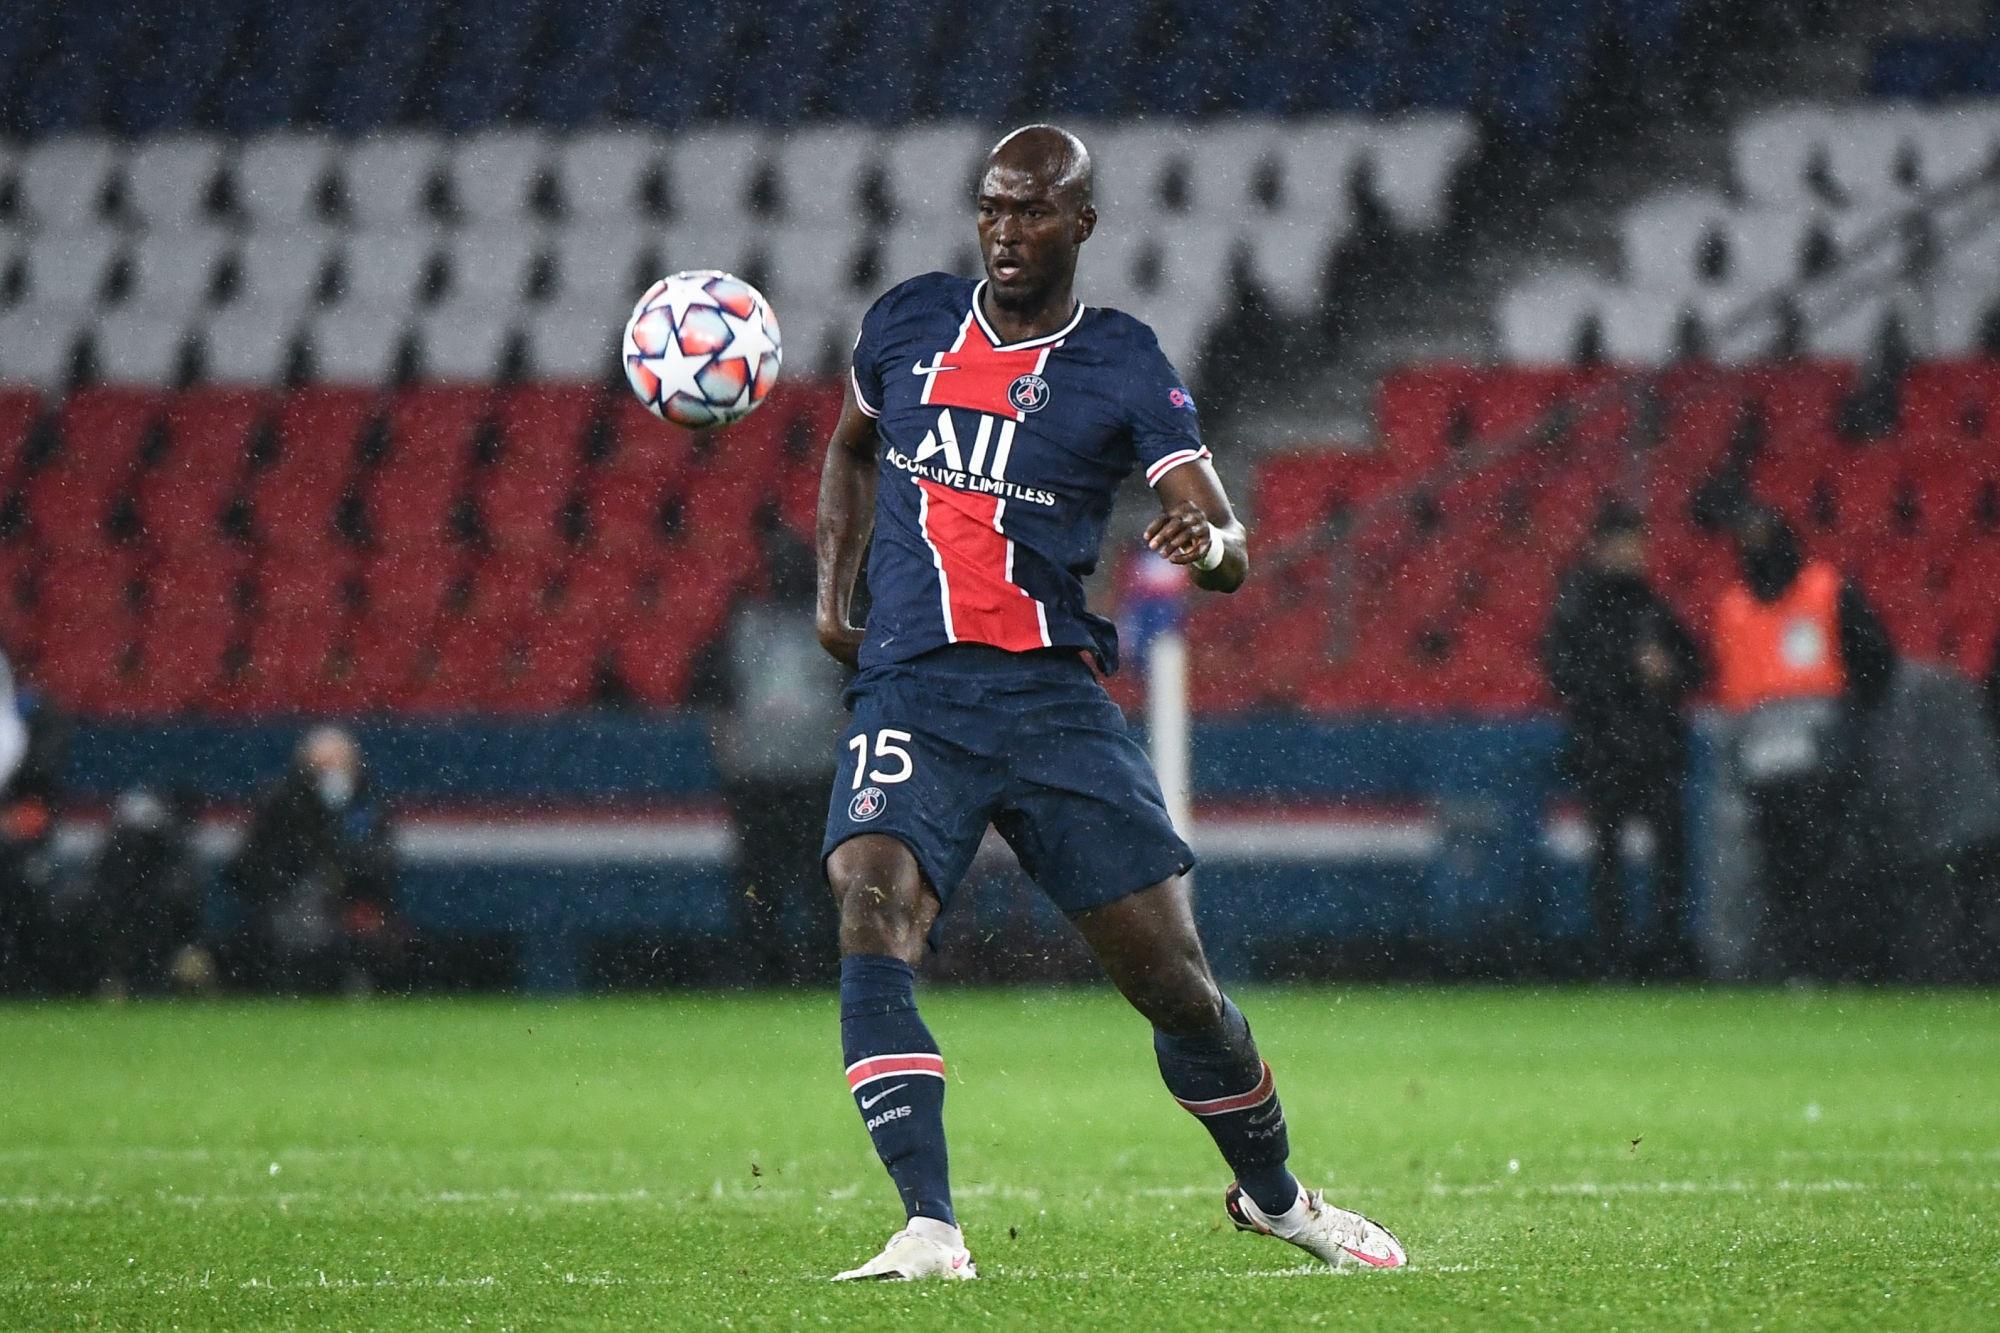 RMC Sport raconte le transfert de Danilo Pereira au PSG, avec une aide d'Antero Henrique